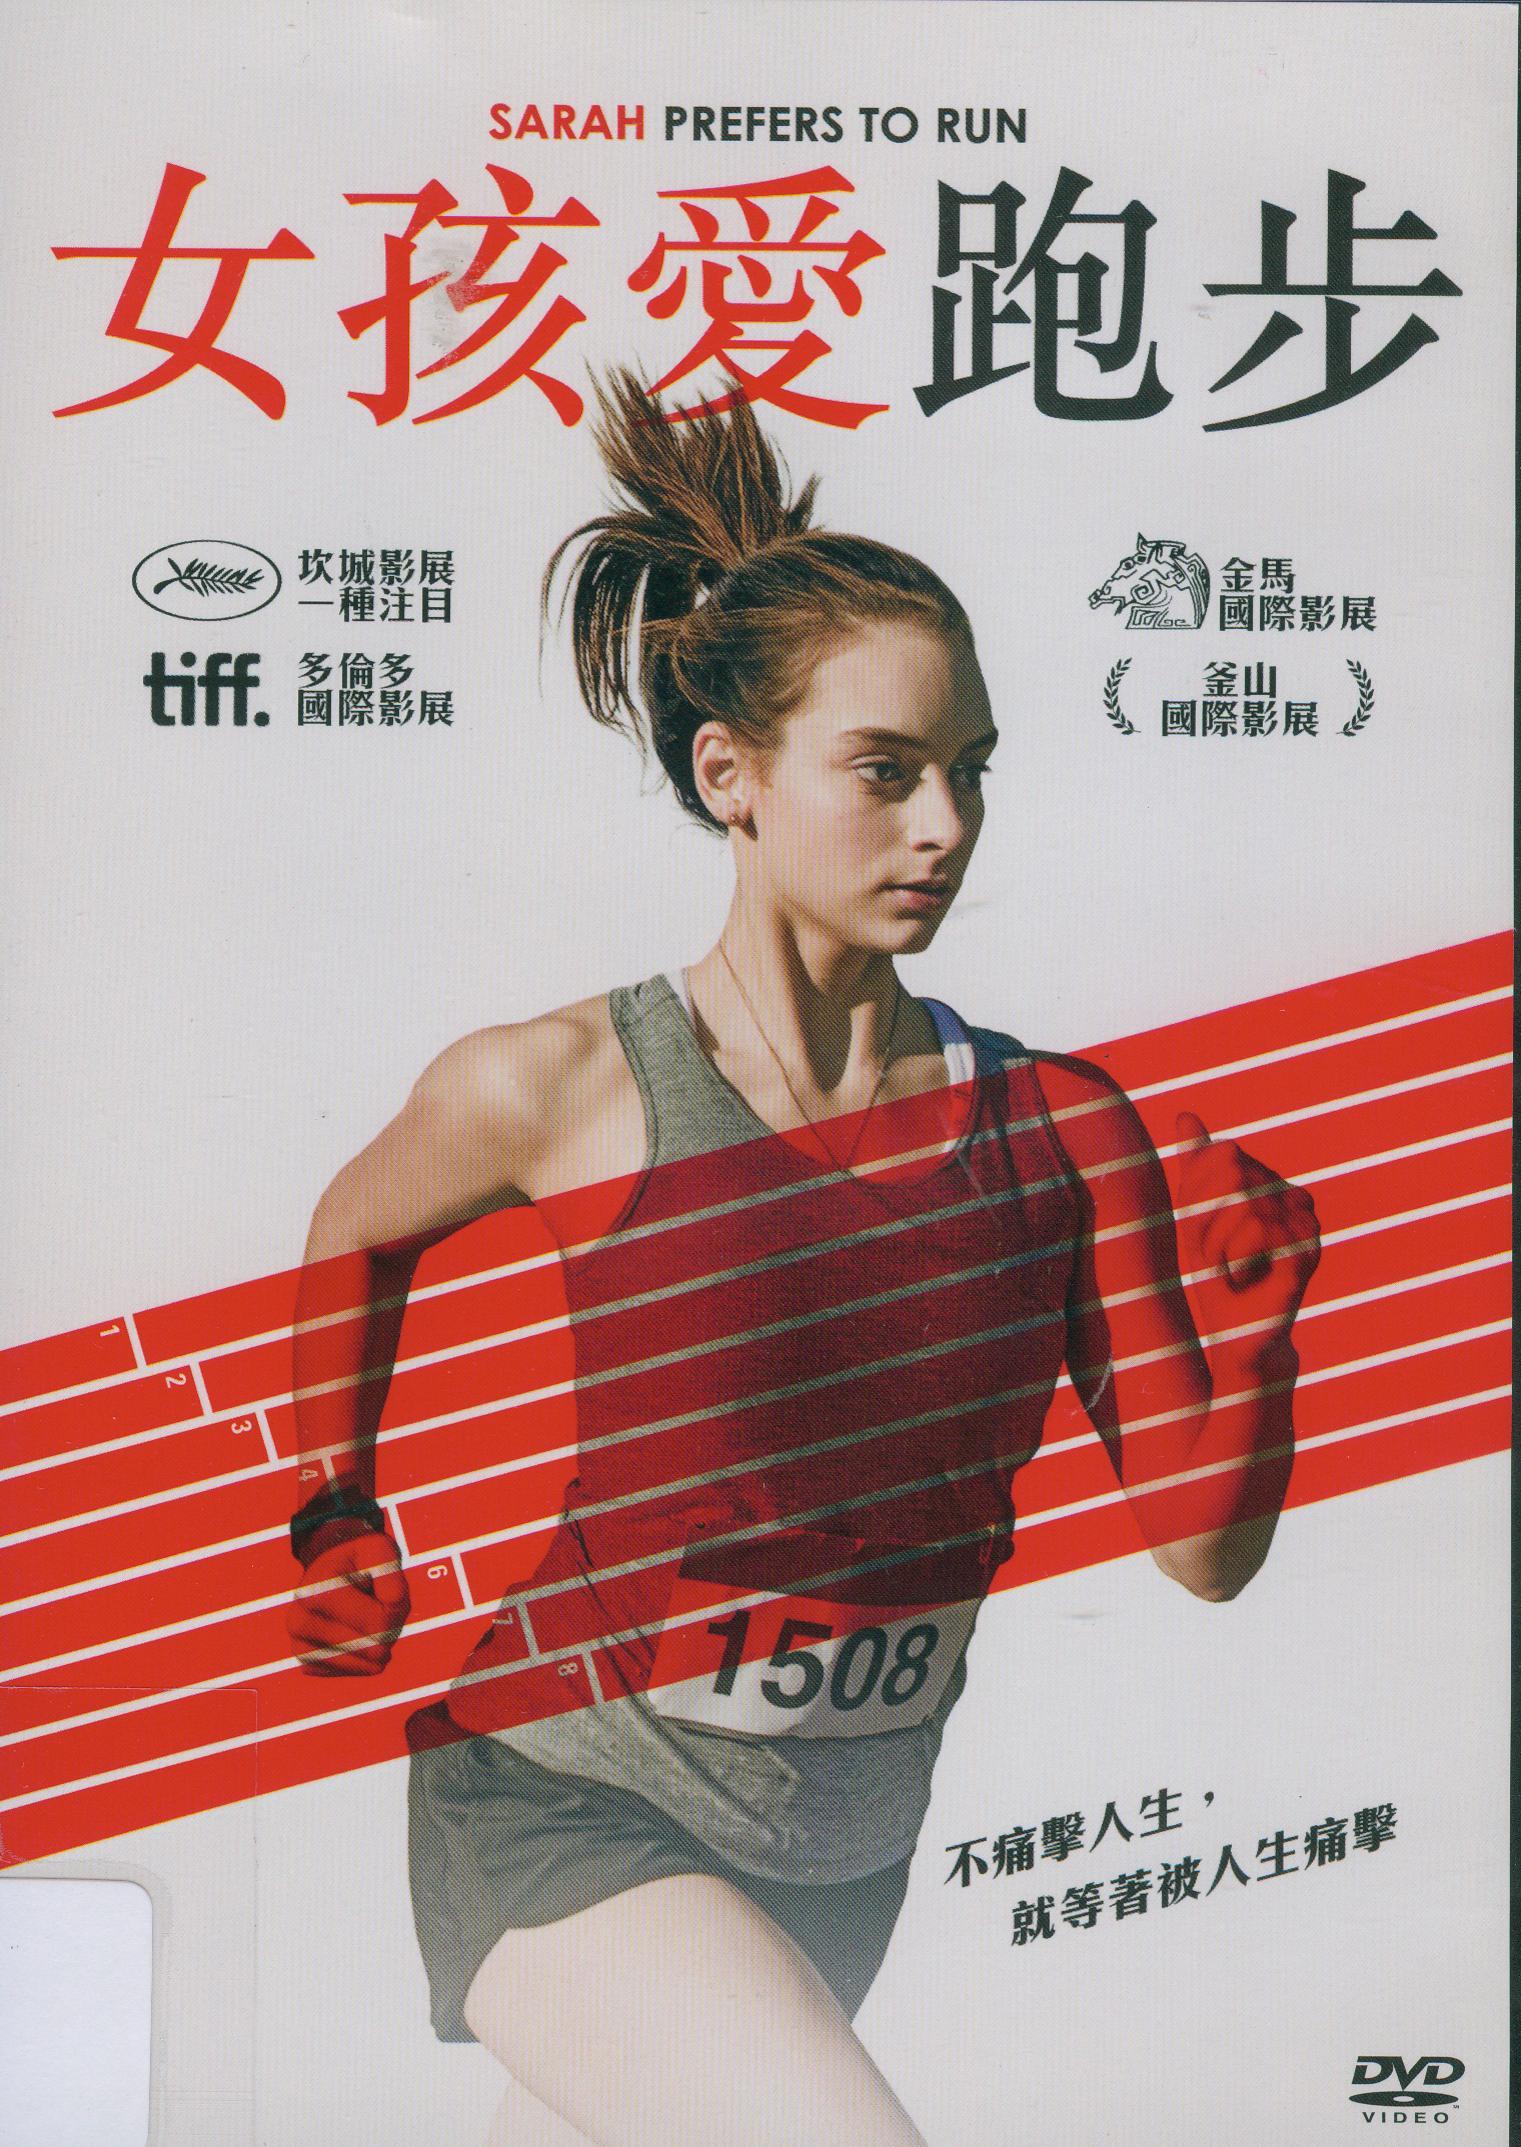 女孩愛跑步[保護級:劇情] : Sarah prefers to run